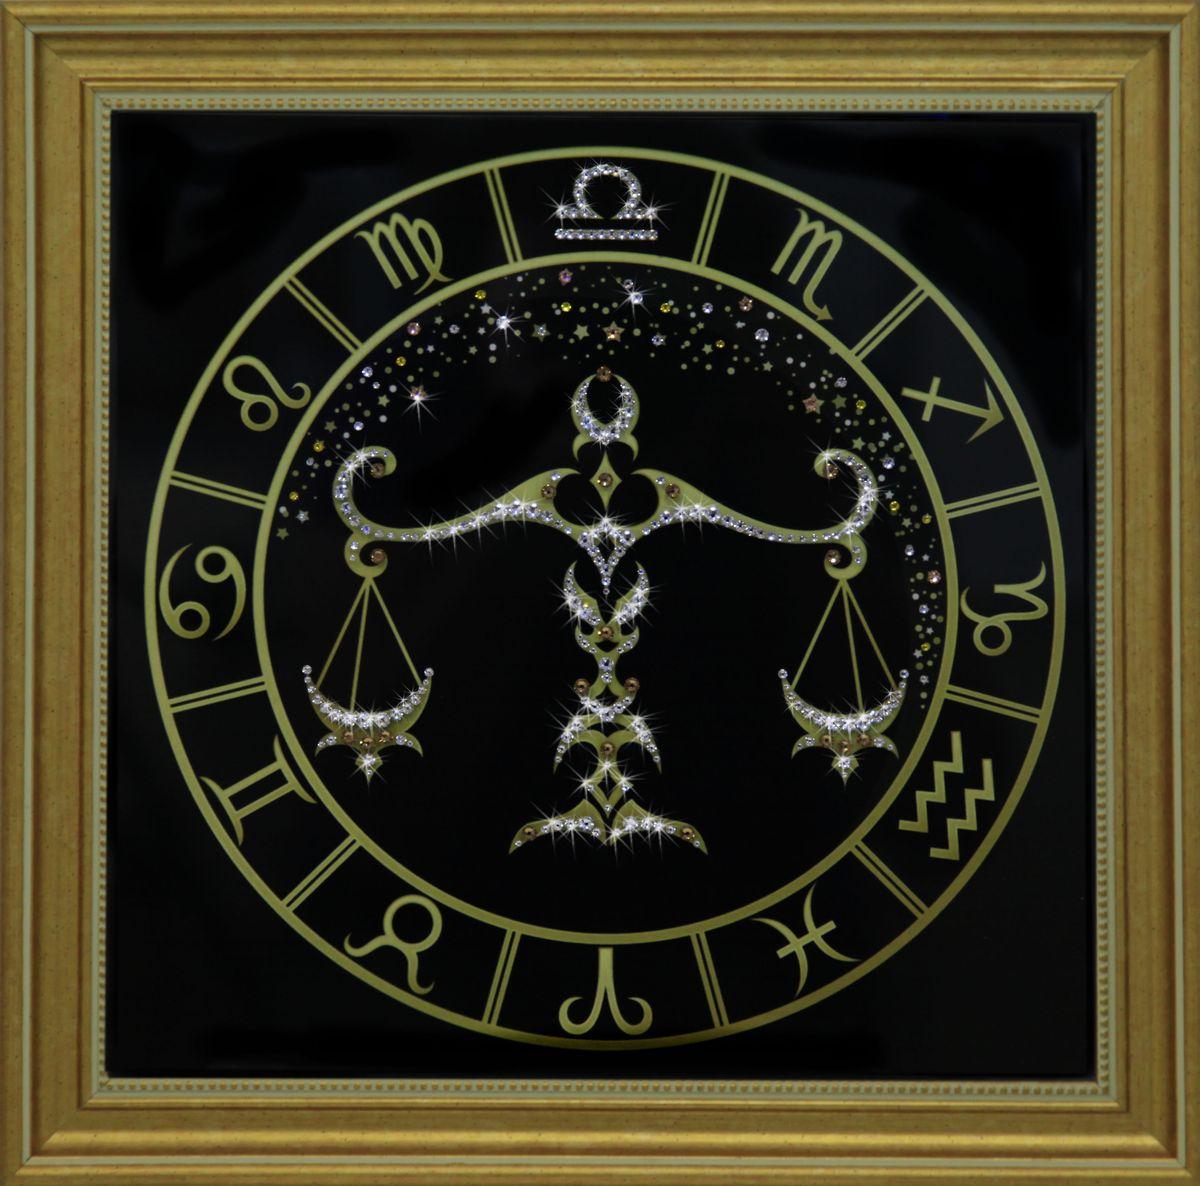 1726 Картина Сваровски Весы золото1726Картина в багете, инкрустированная кристалами сваровски